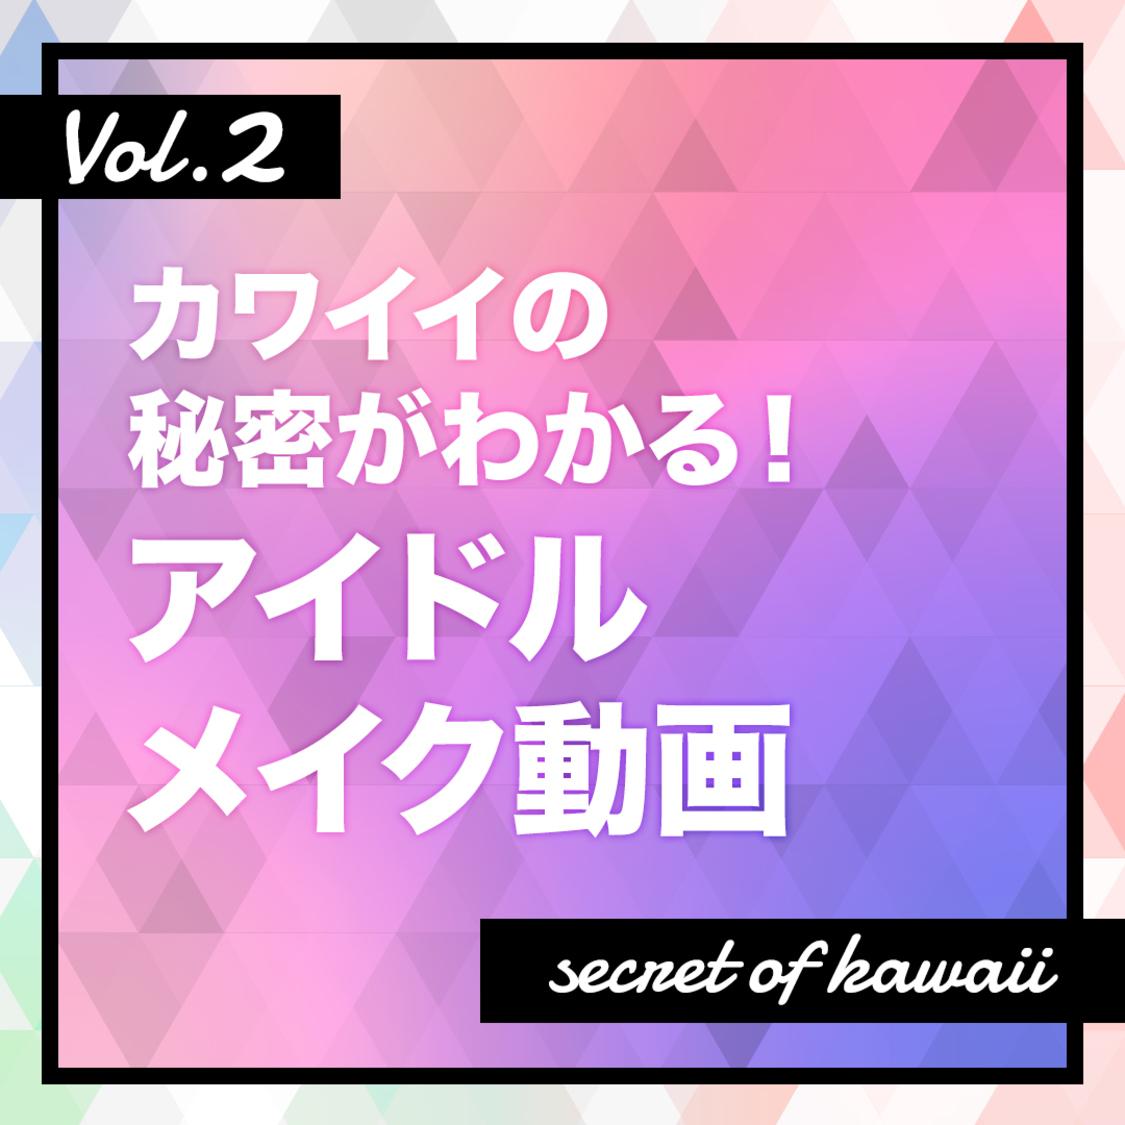 カワイイの秘密がわかる! アイドルメイク動画 vol.2〜齋藤なぎさ、塩見きら、佐藤まりあ、カミヤサキ、蒼井叶